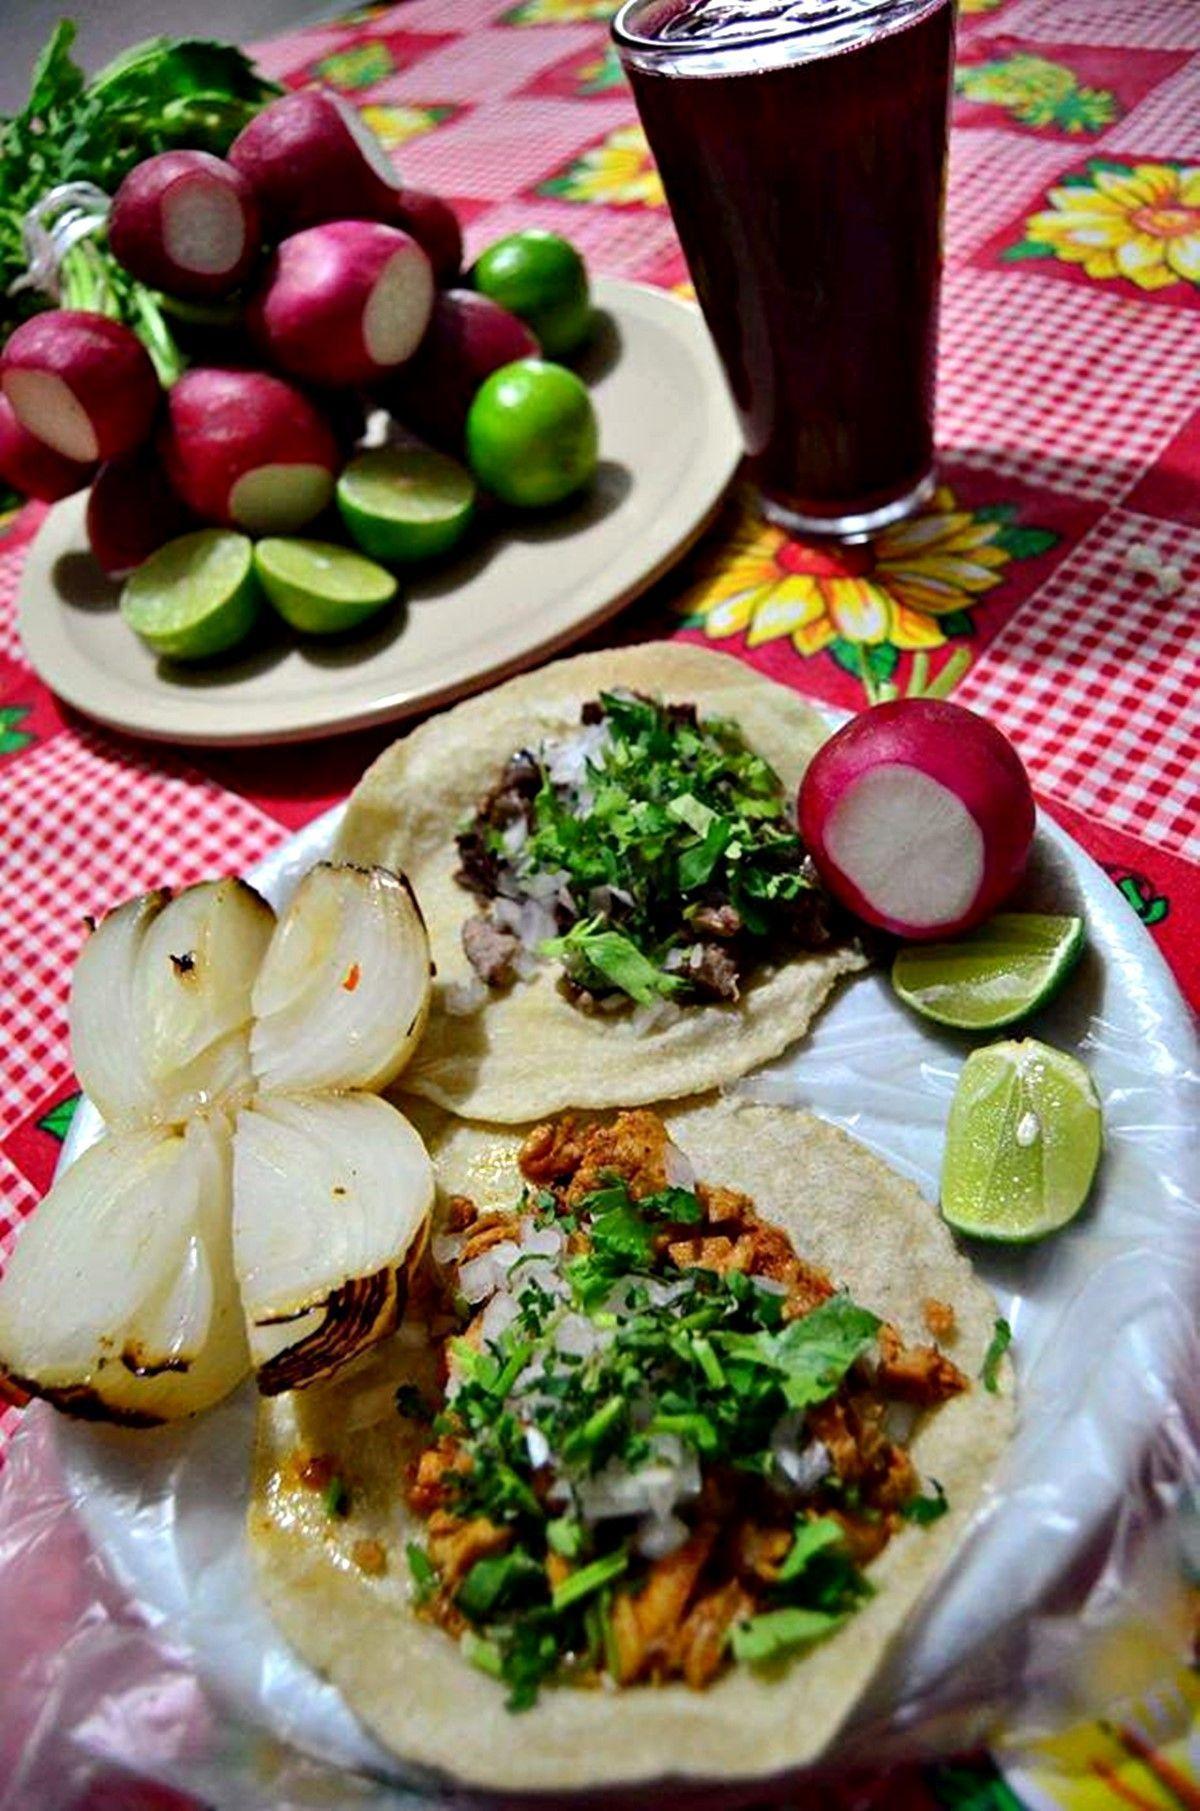 Tacos, un platillo mexicano por excelencia